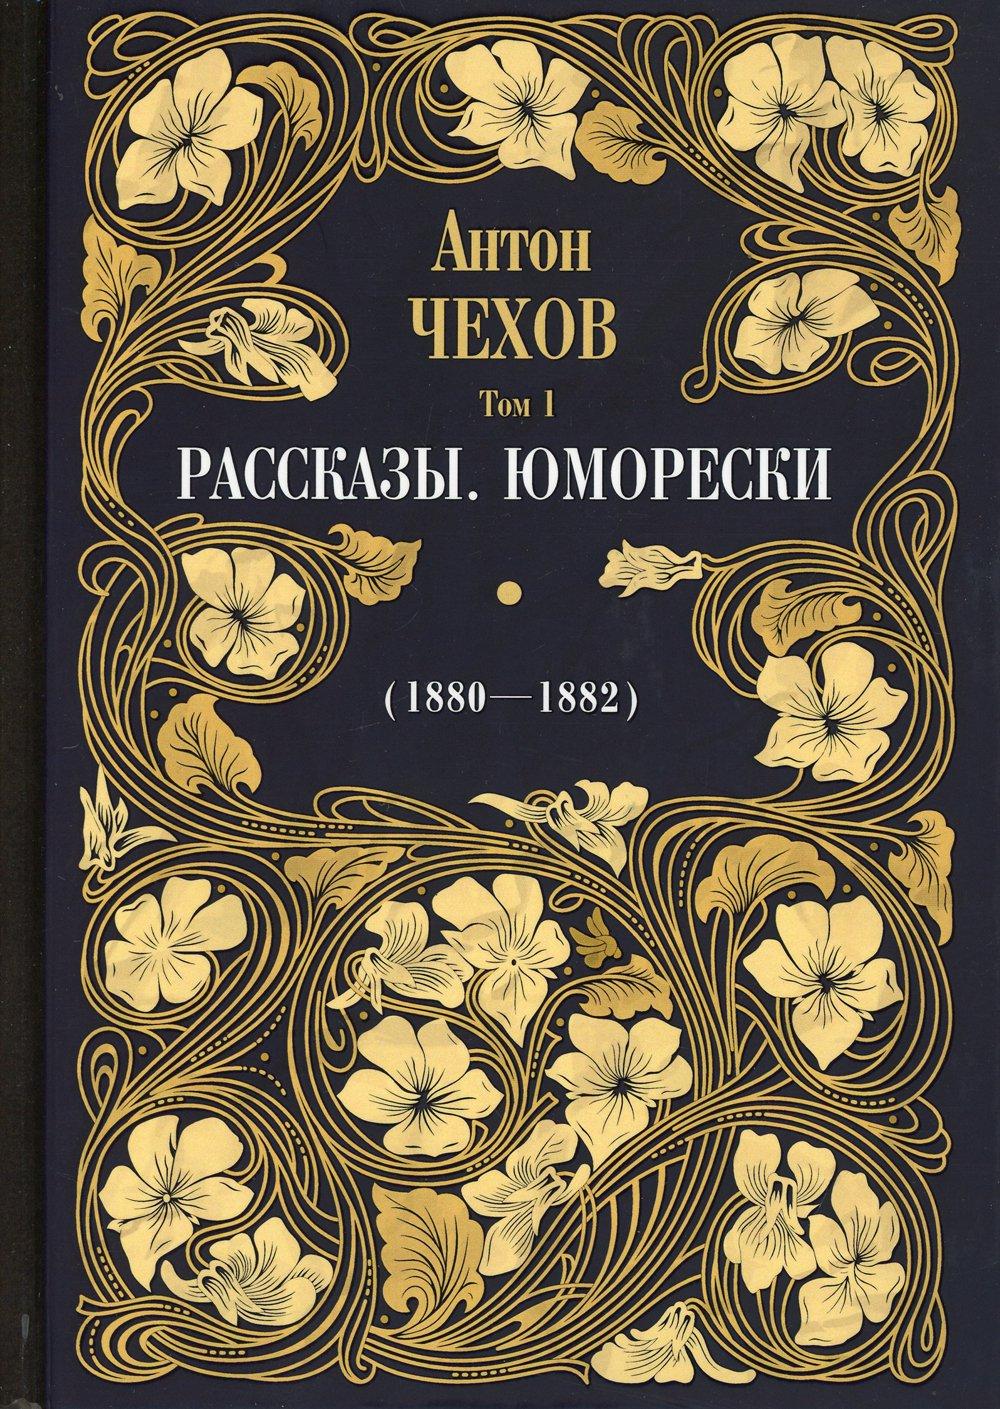 Рассказы. Юморески (1880-1882)